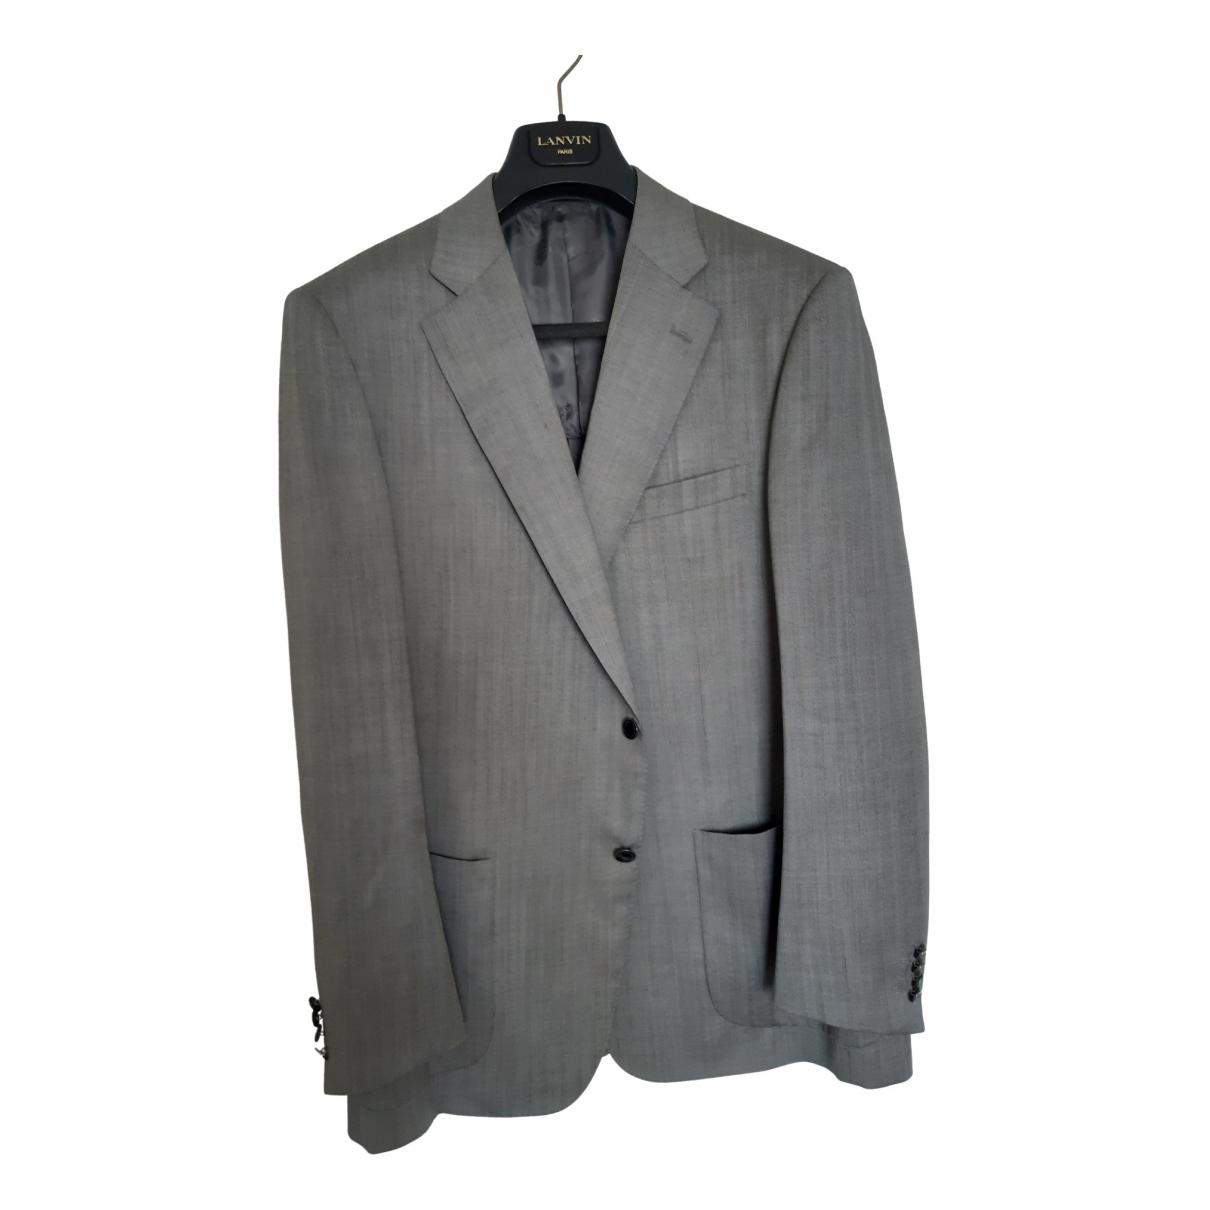 Lanvin \N Jacke in  Grau Wolle